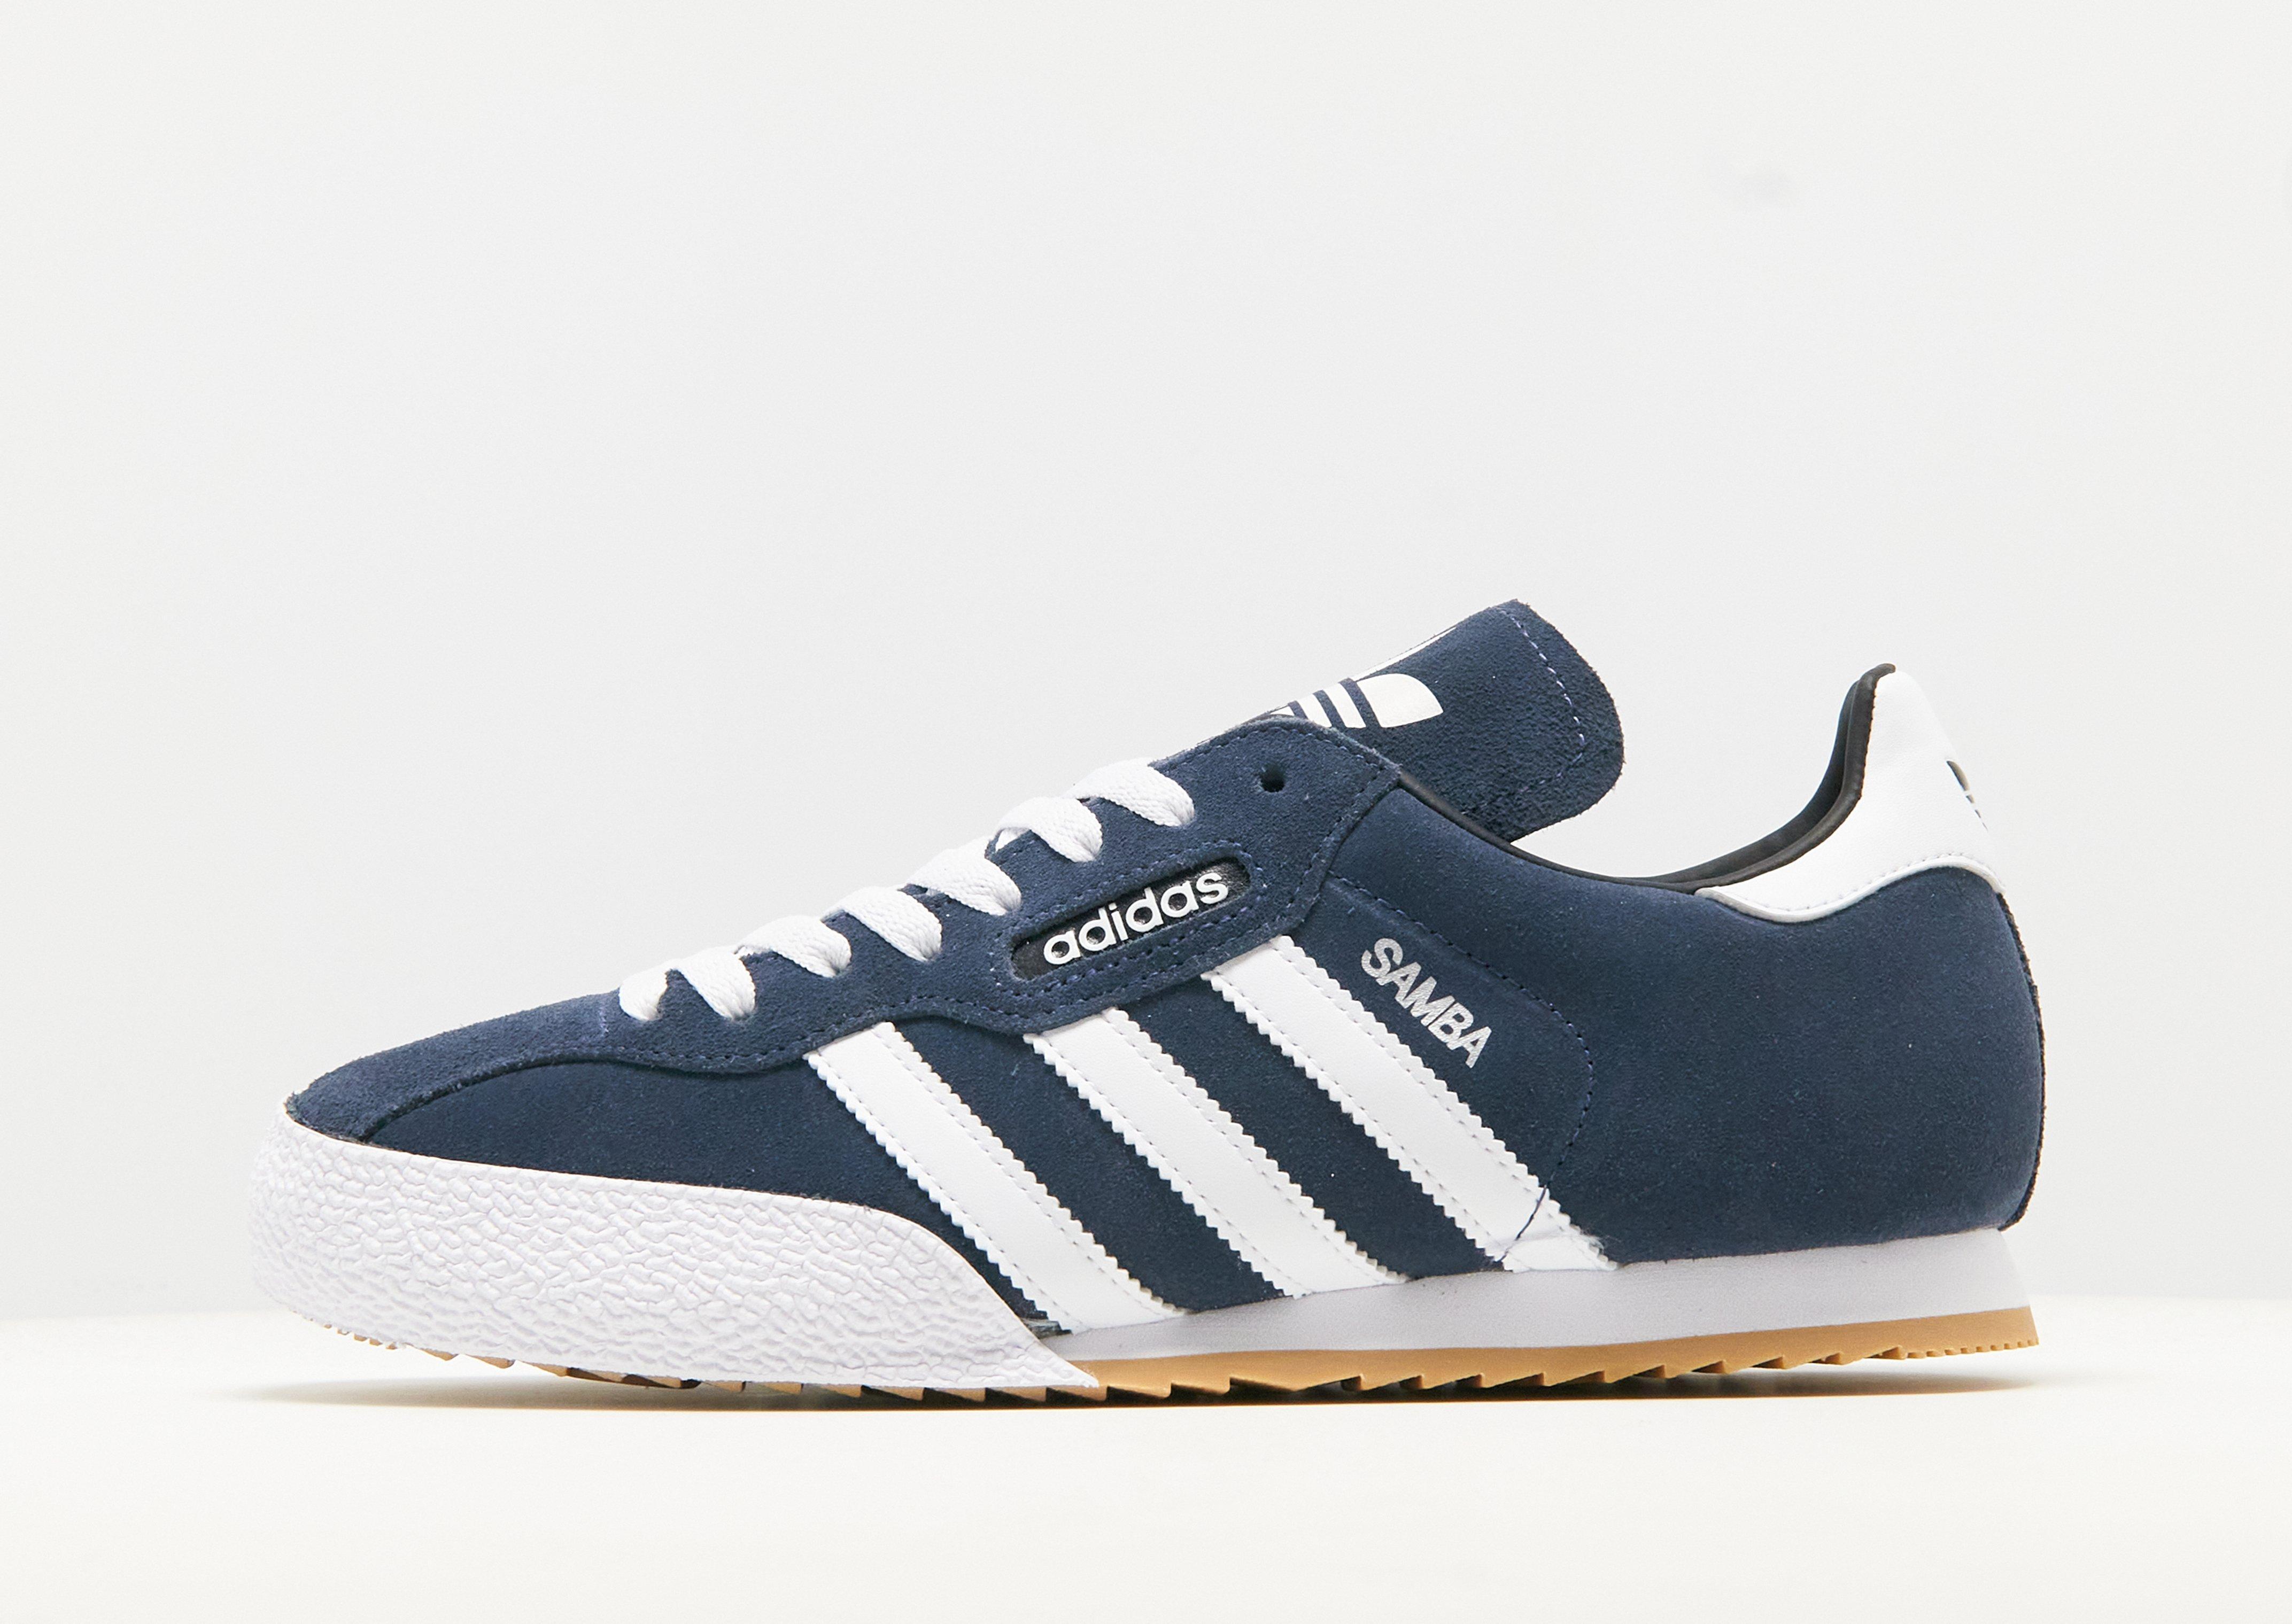 Adidas Gazelle 2 Claret And Blue